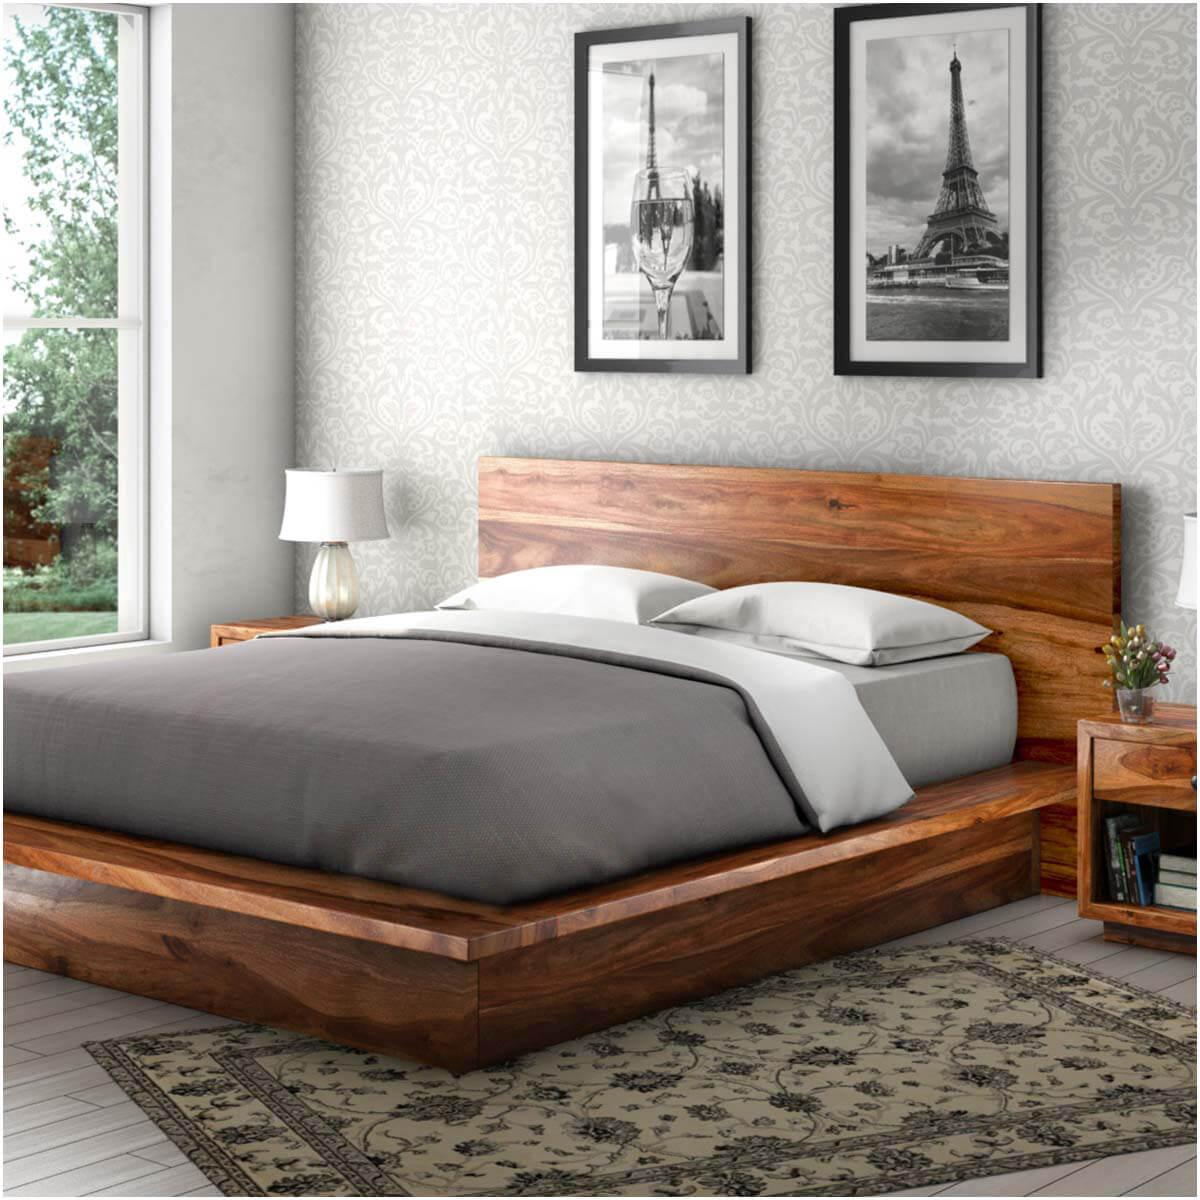 solid wood beds delaware solid wood platform bed frame ICBBLXV